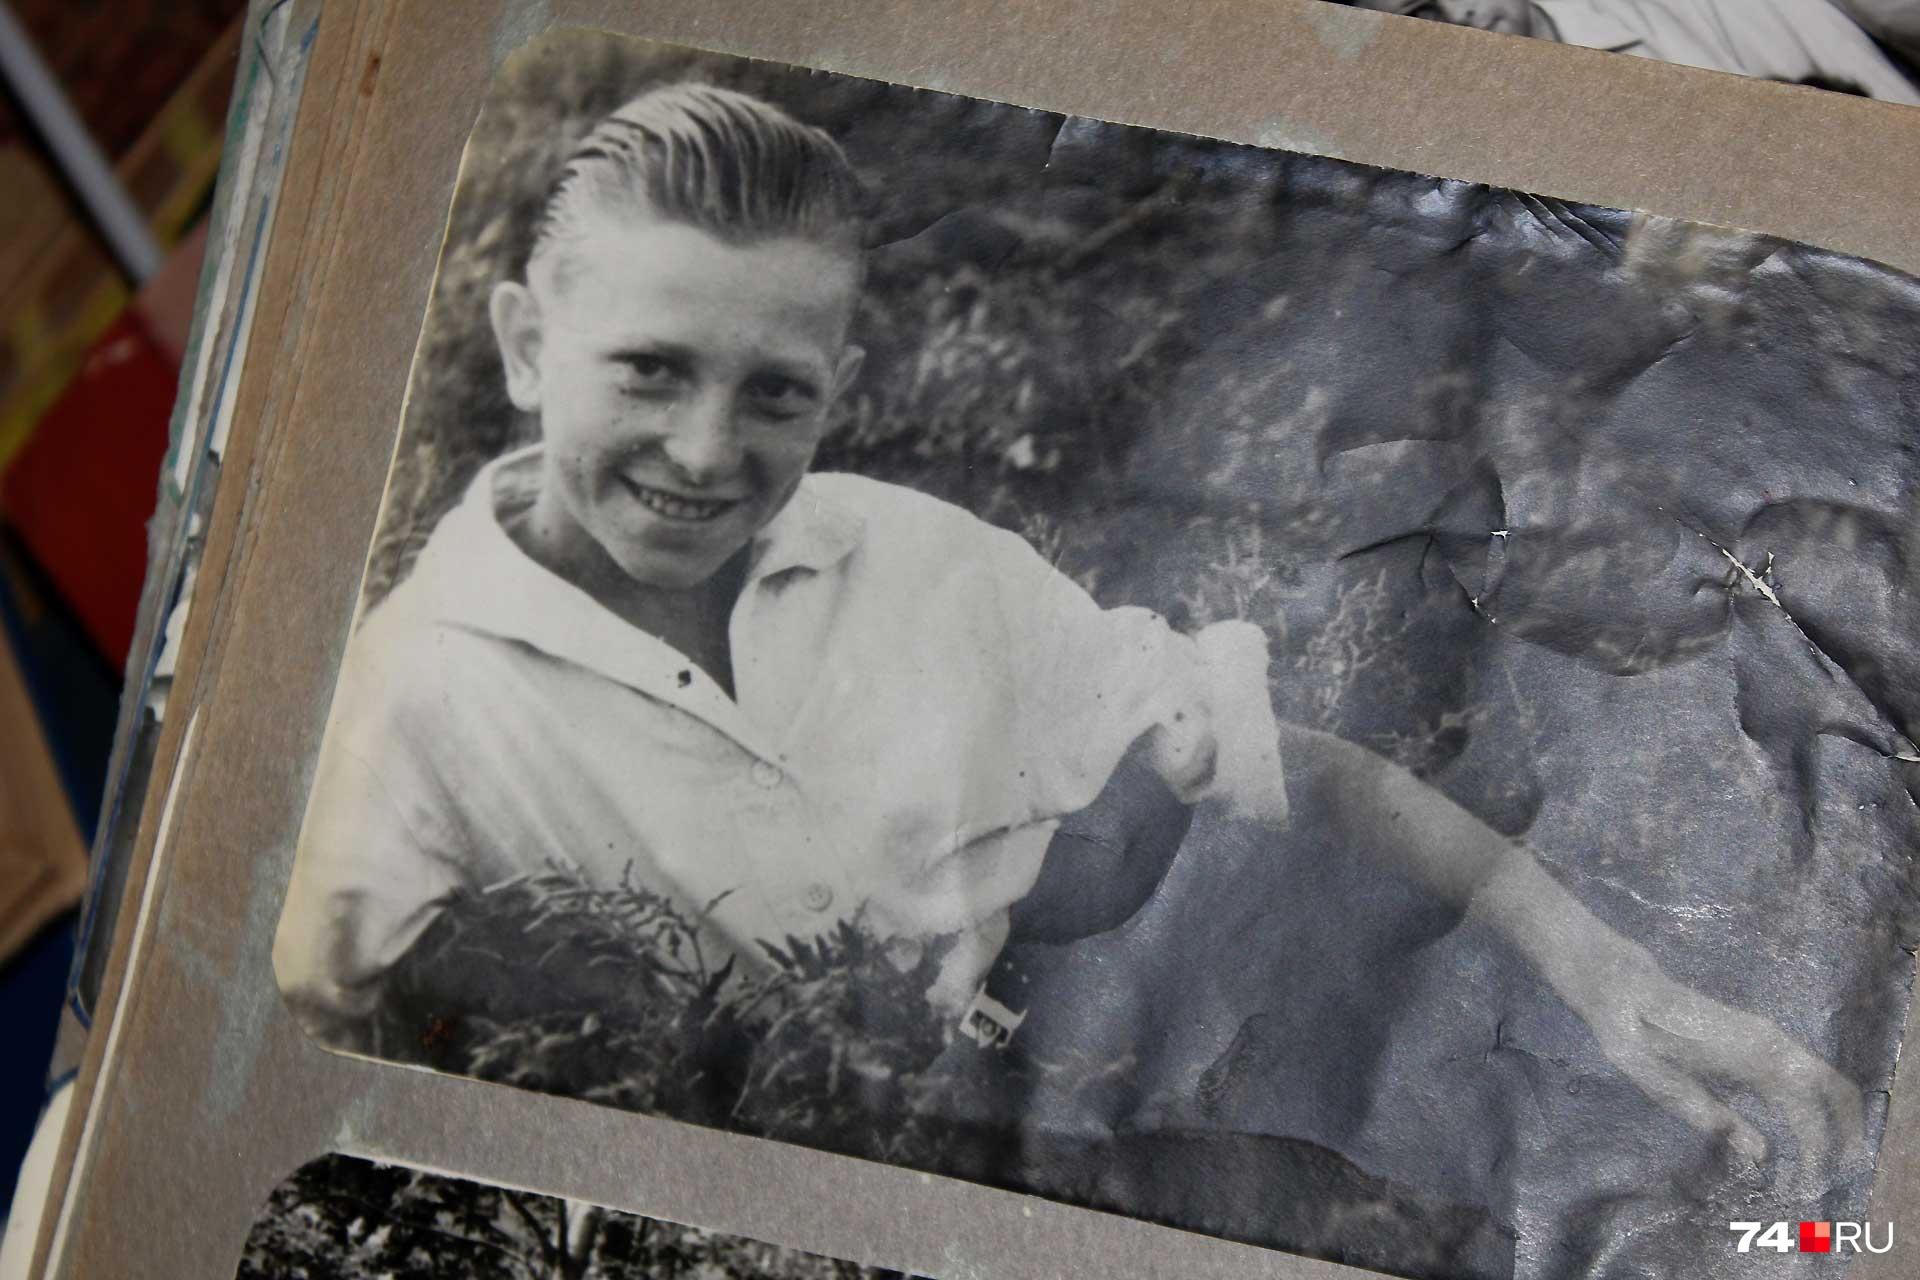 Игорь Вишев в 14 лет получил химический ожог и перенес больше 30 операций, зрение было потеряно навсегда